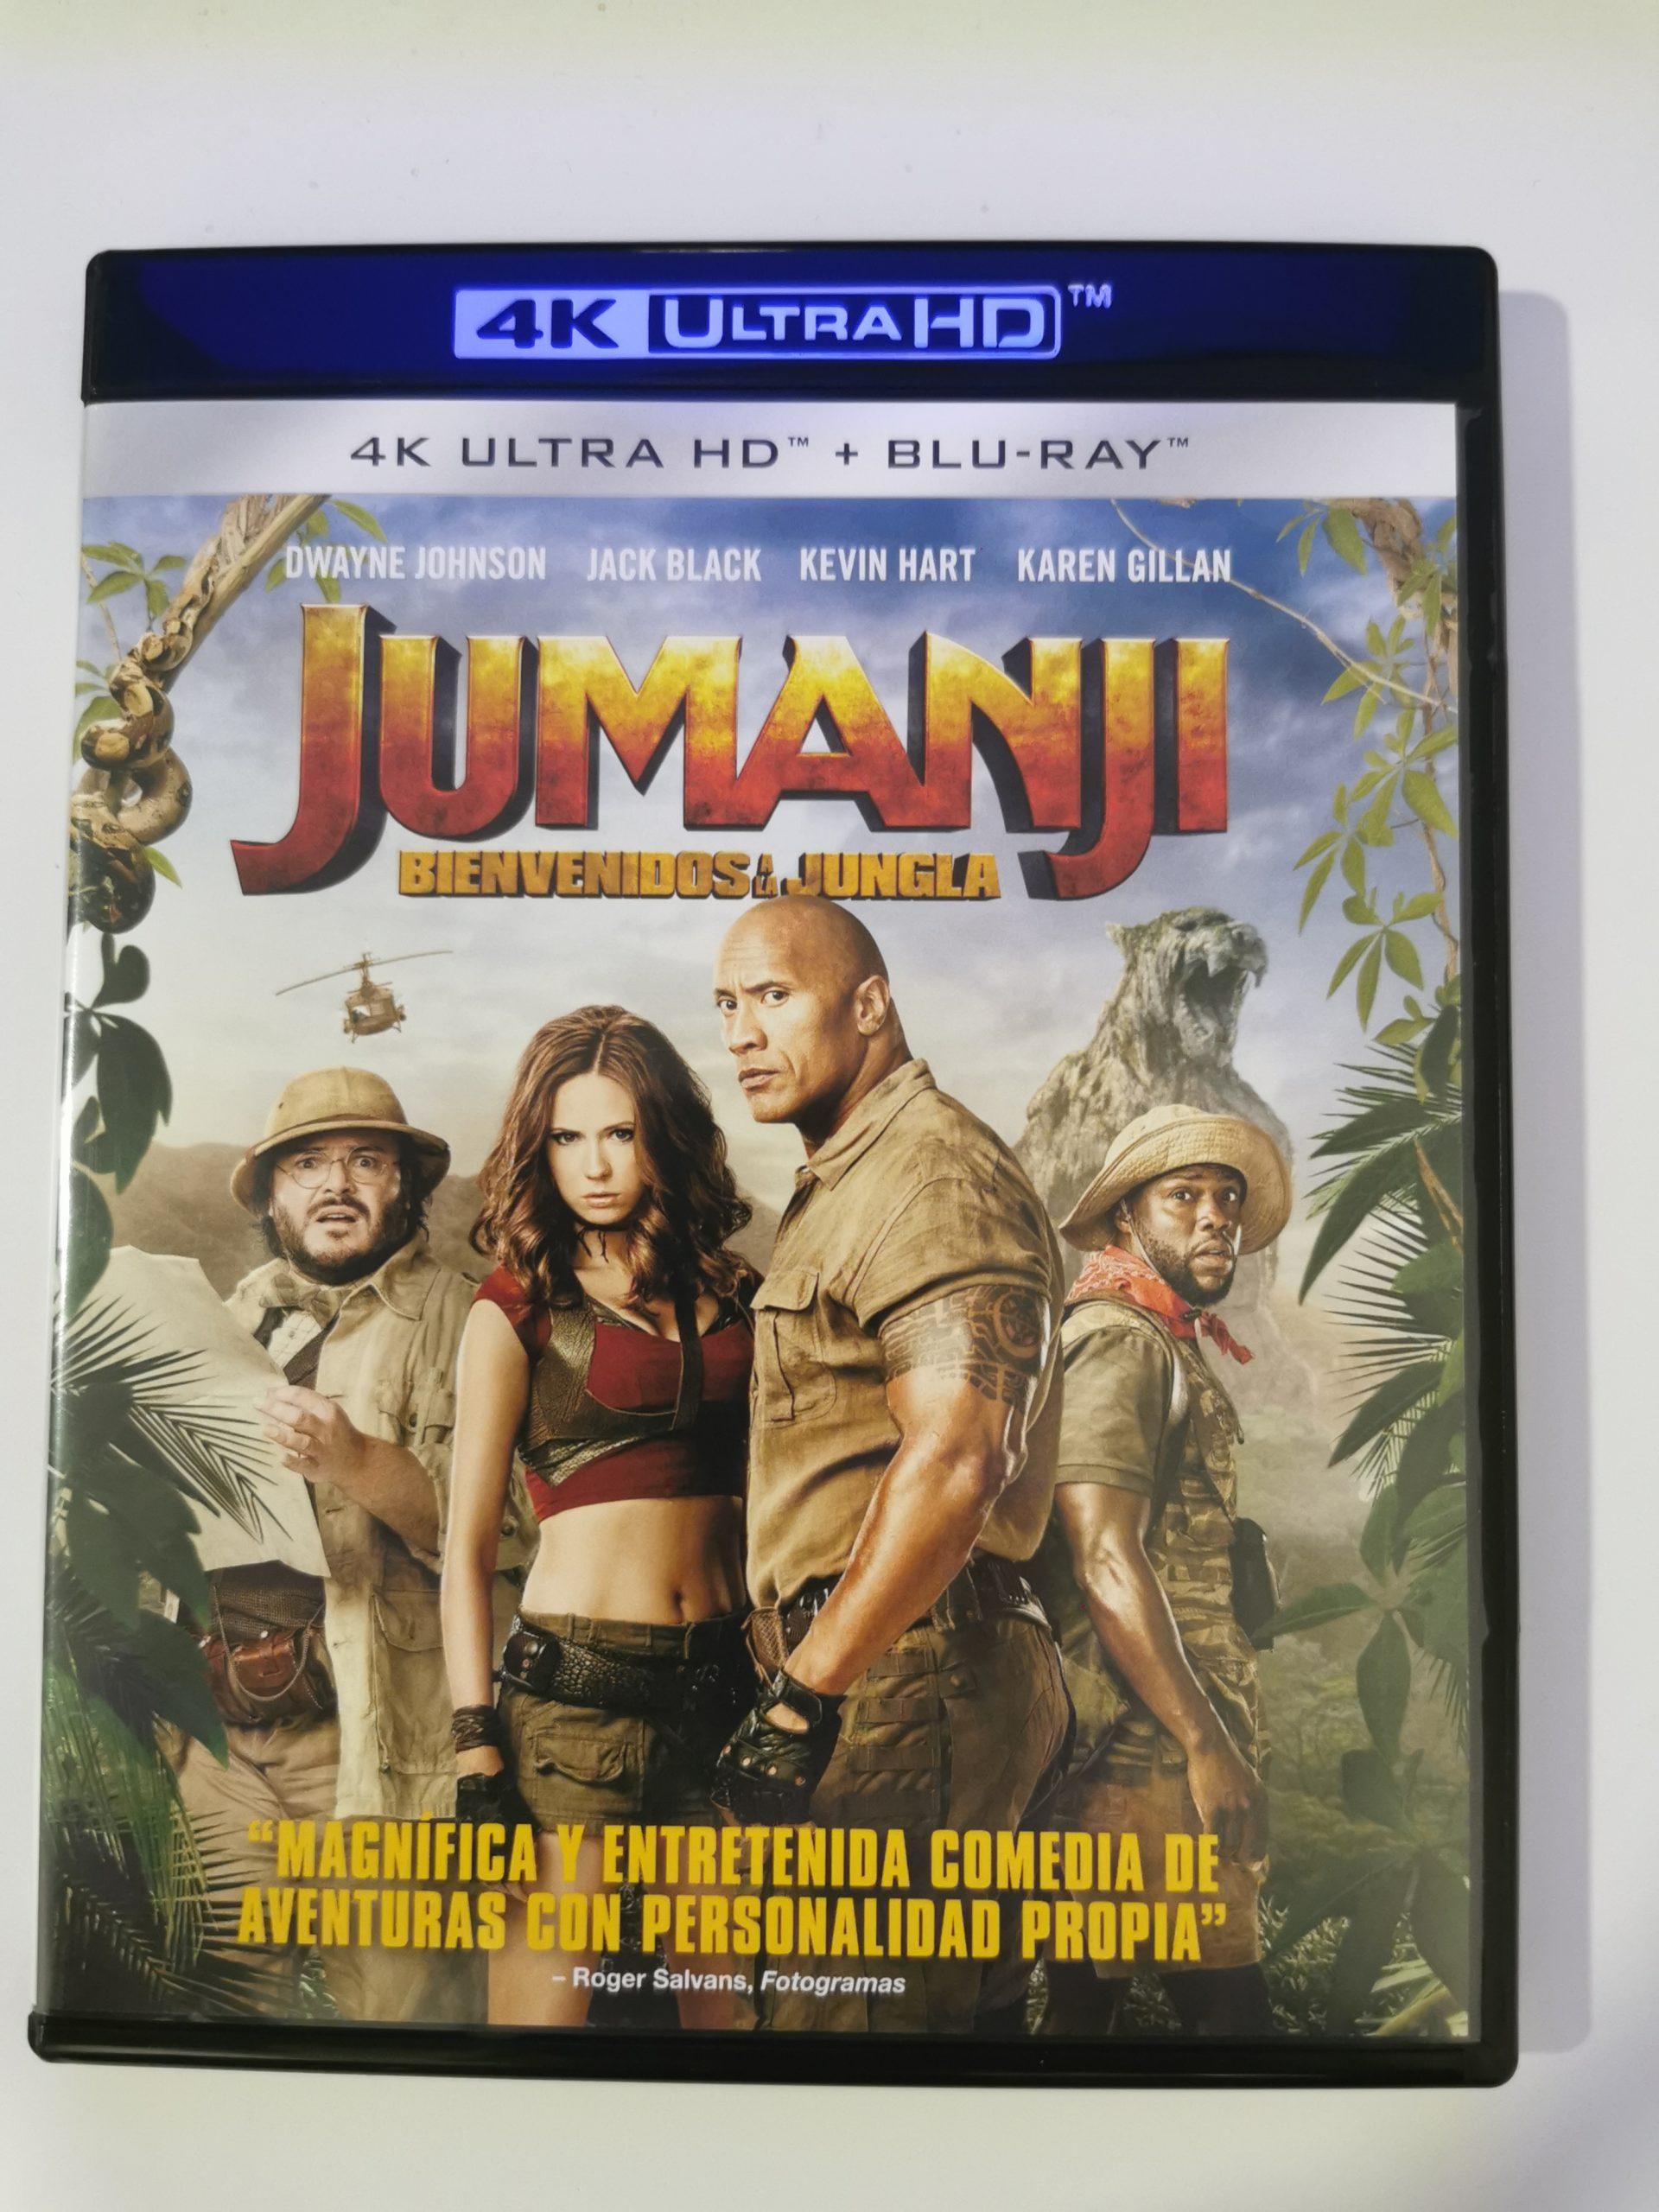 Jumanji colección de 3 películas 19